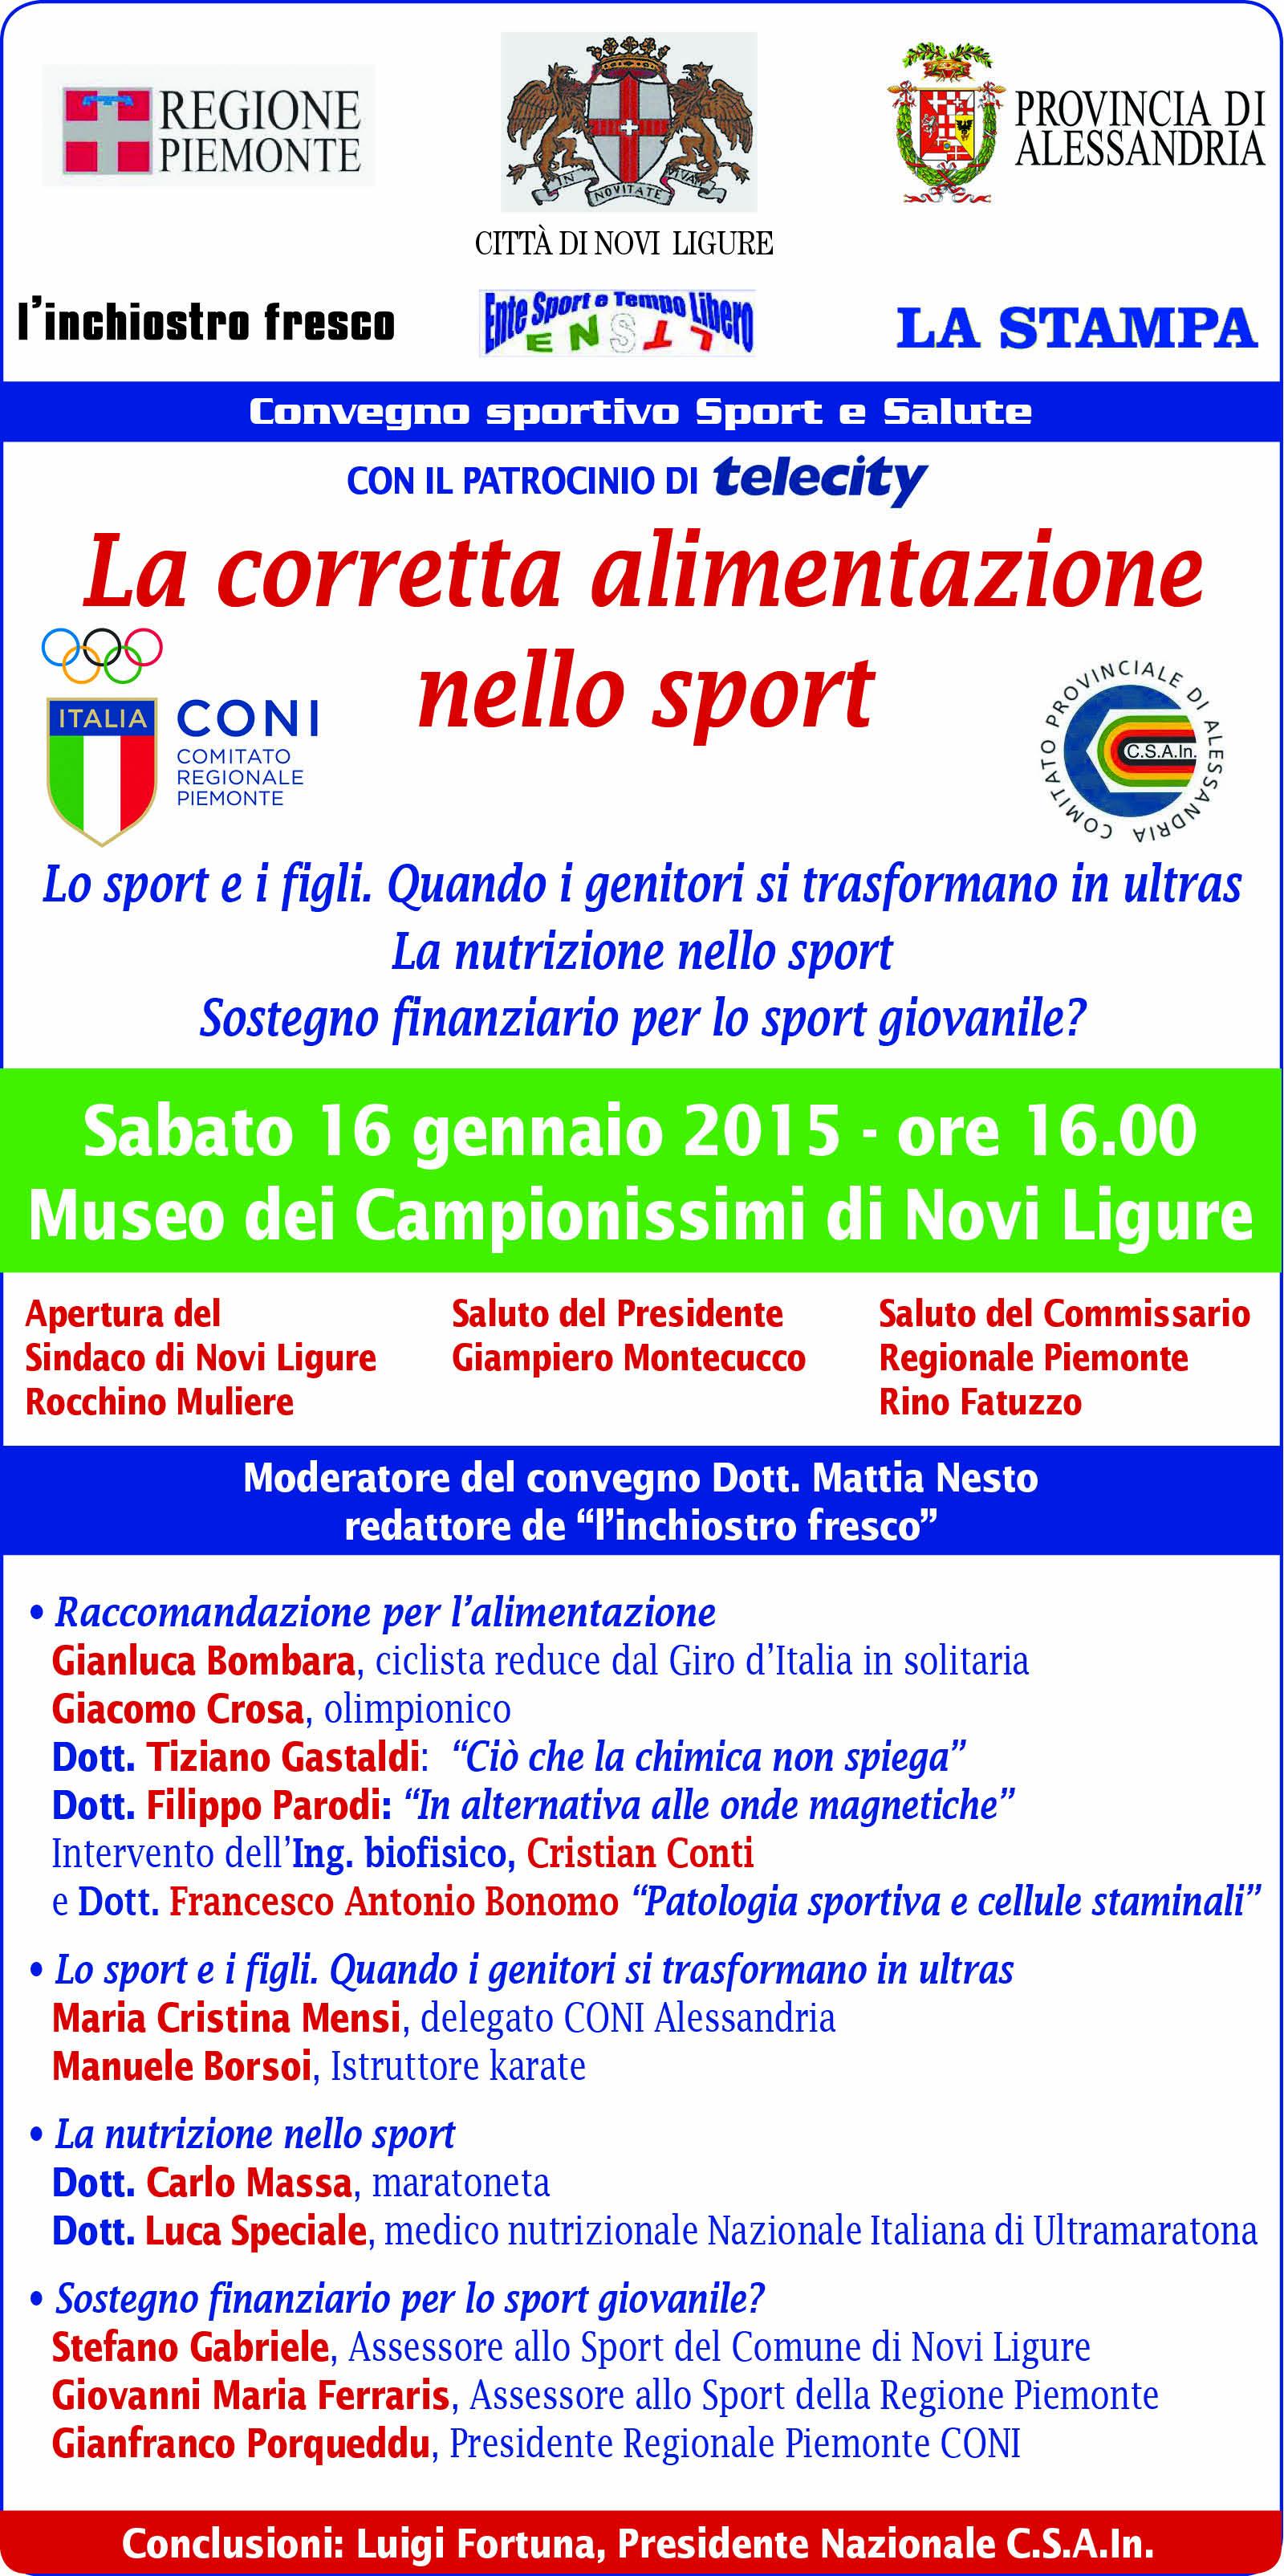 Fra 864 Ore A Novi Ligure Il Convegno Sportivo Sport E Salute Al Museo Dei Campionissimi Alle Ore 16 00 Csainpiemonte